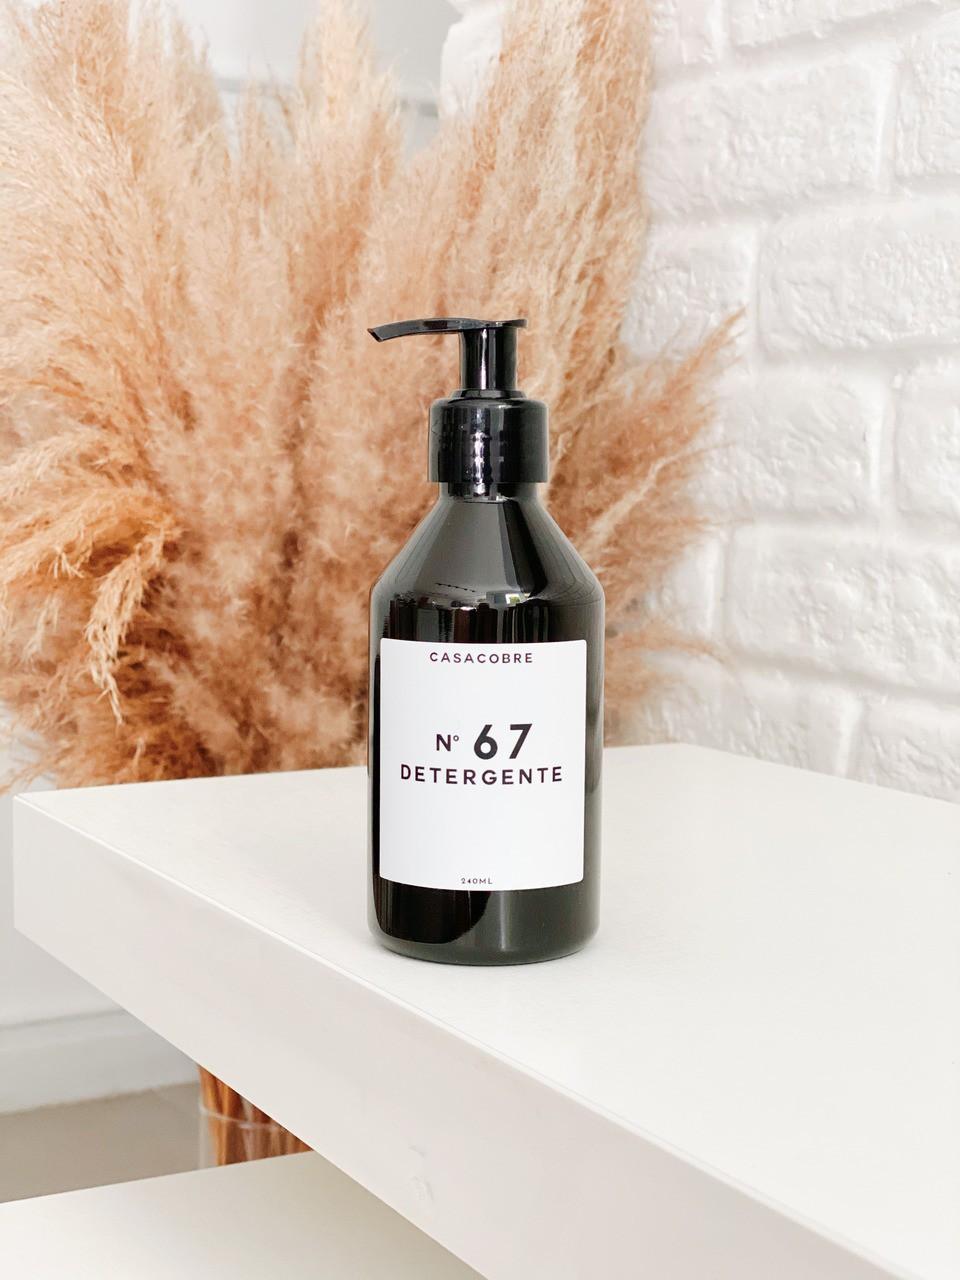 Mini Frasco Black Detergente - 240ml   - CASACOBRE